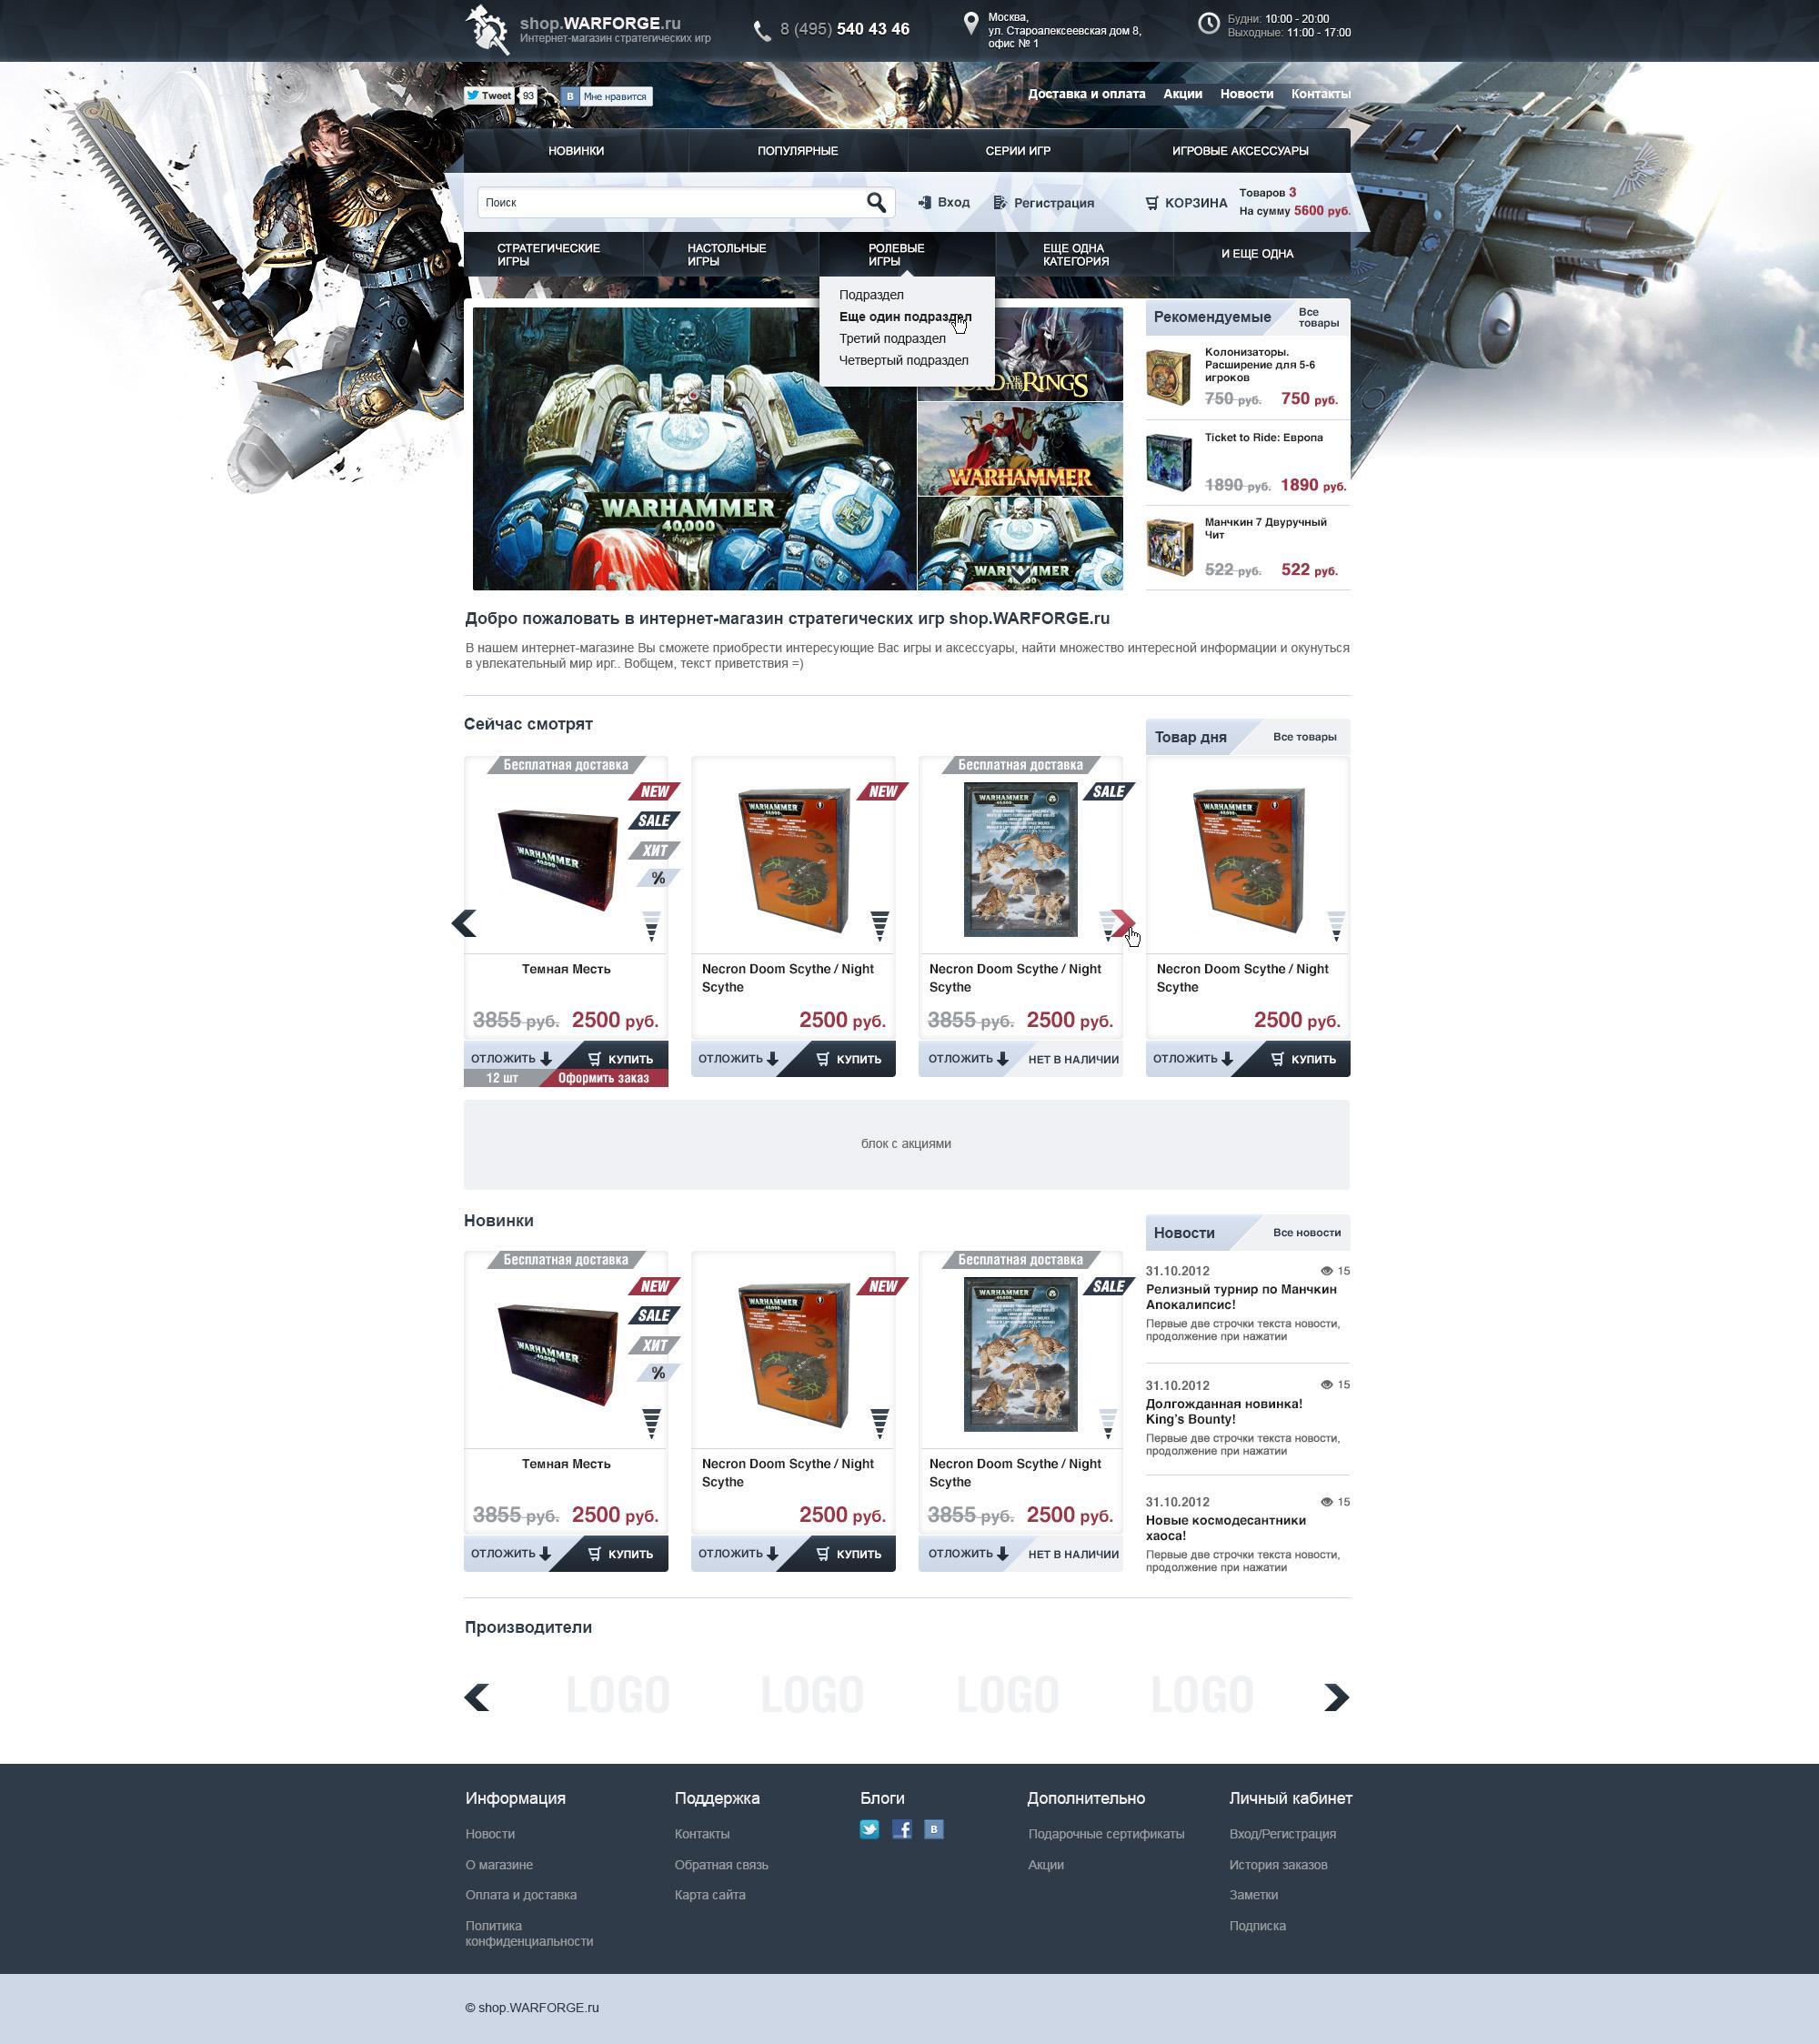 Интернет-магазин стратегических игр shop.warforge.ru